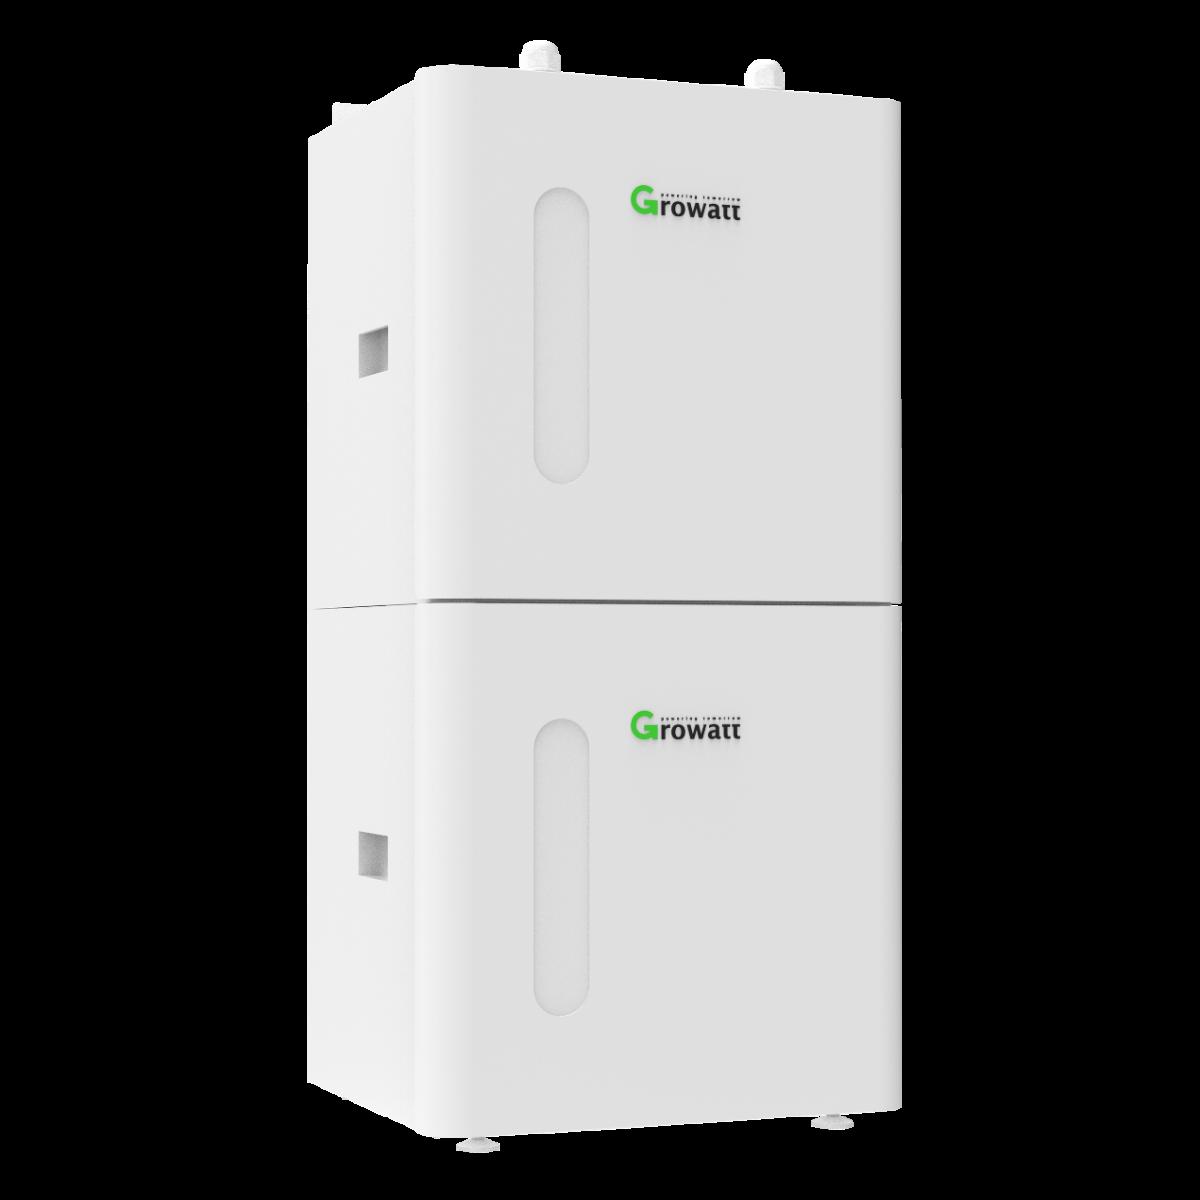 Growatt Box-6 voor H48050 en US2000 Batterijen